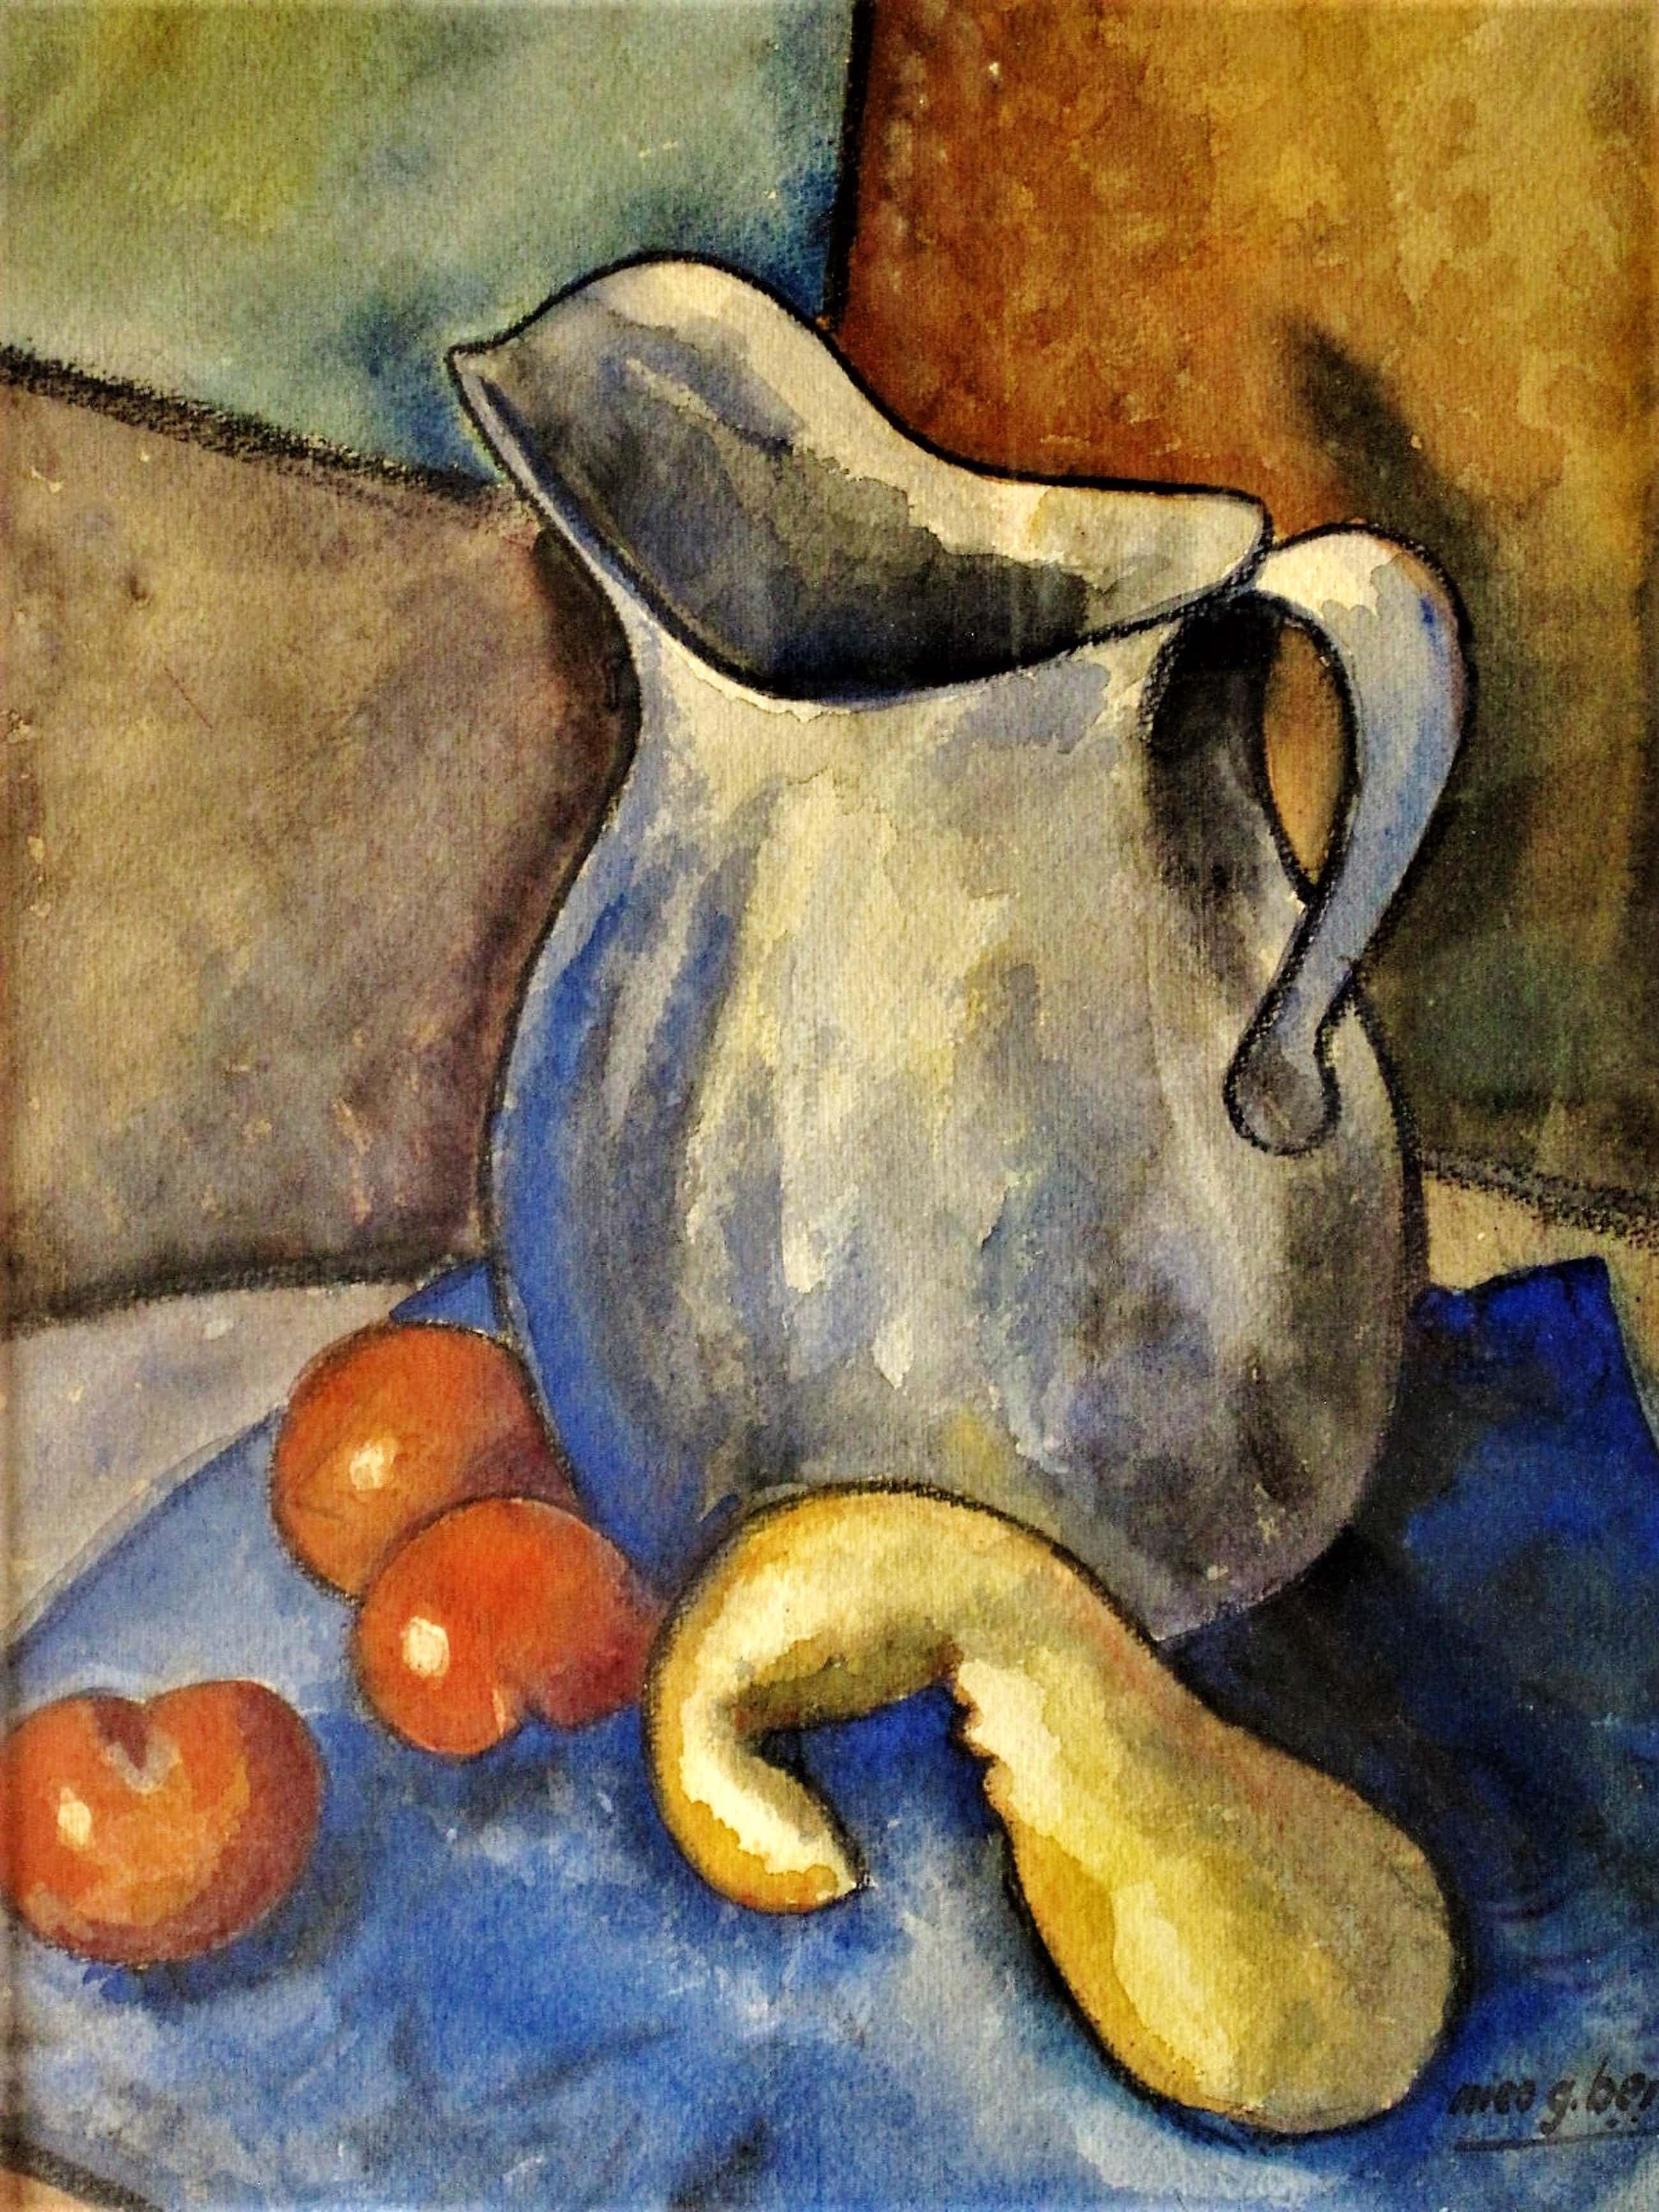 Nico Berkhout - (Bergense School) schilderde dit stilleven in 1943 - gesigneerd kopen? Bied vanaf 40!